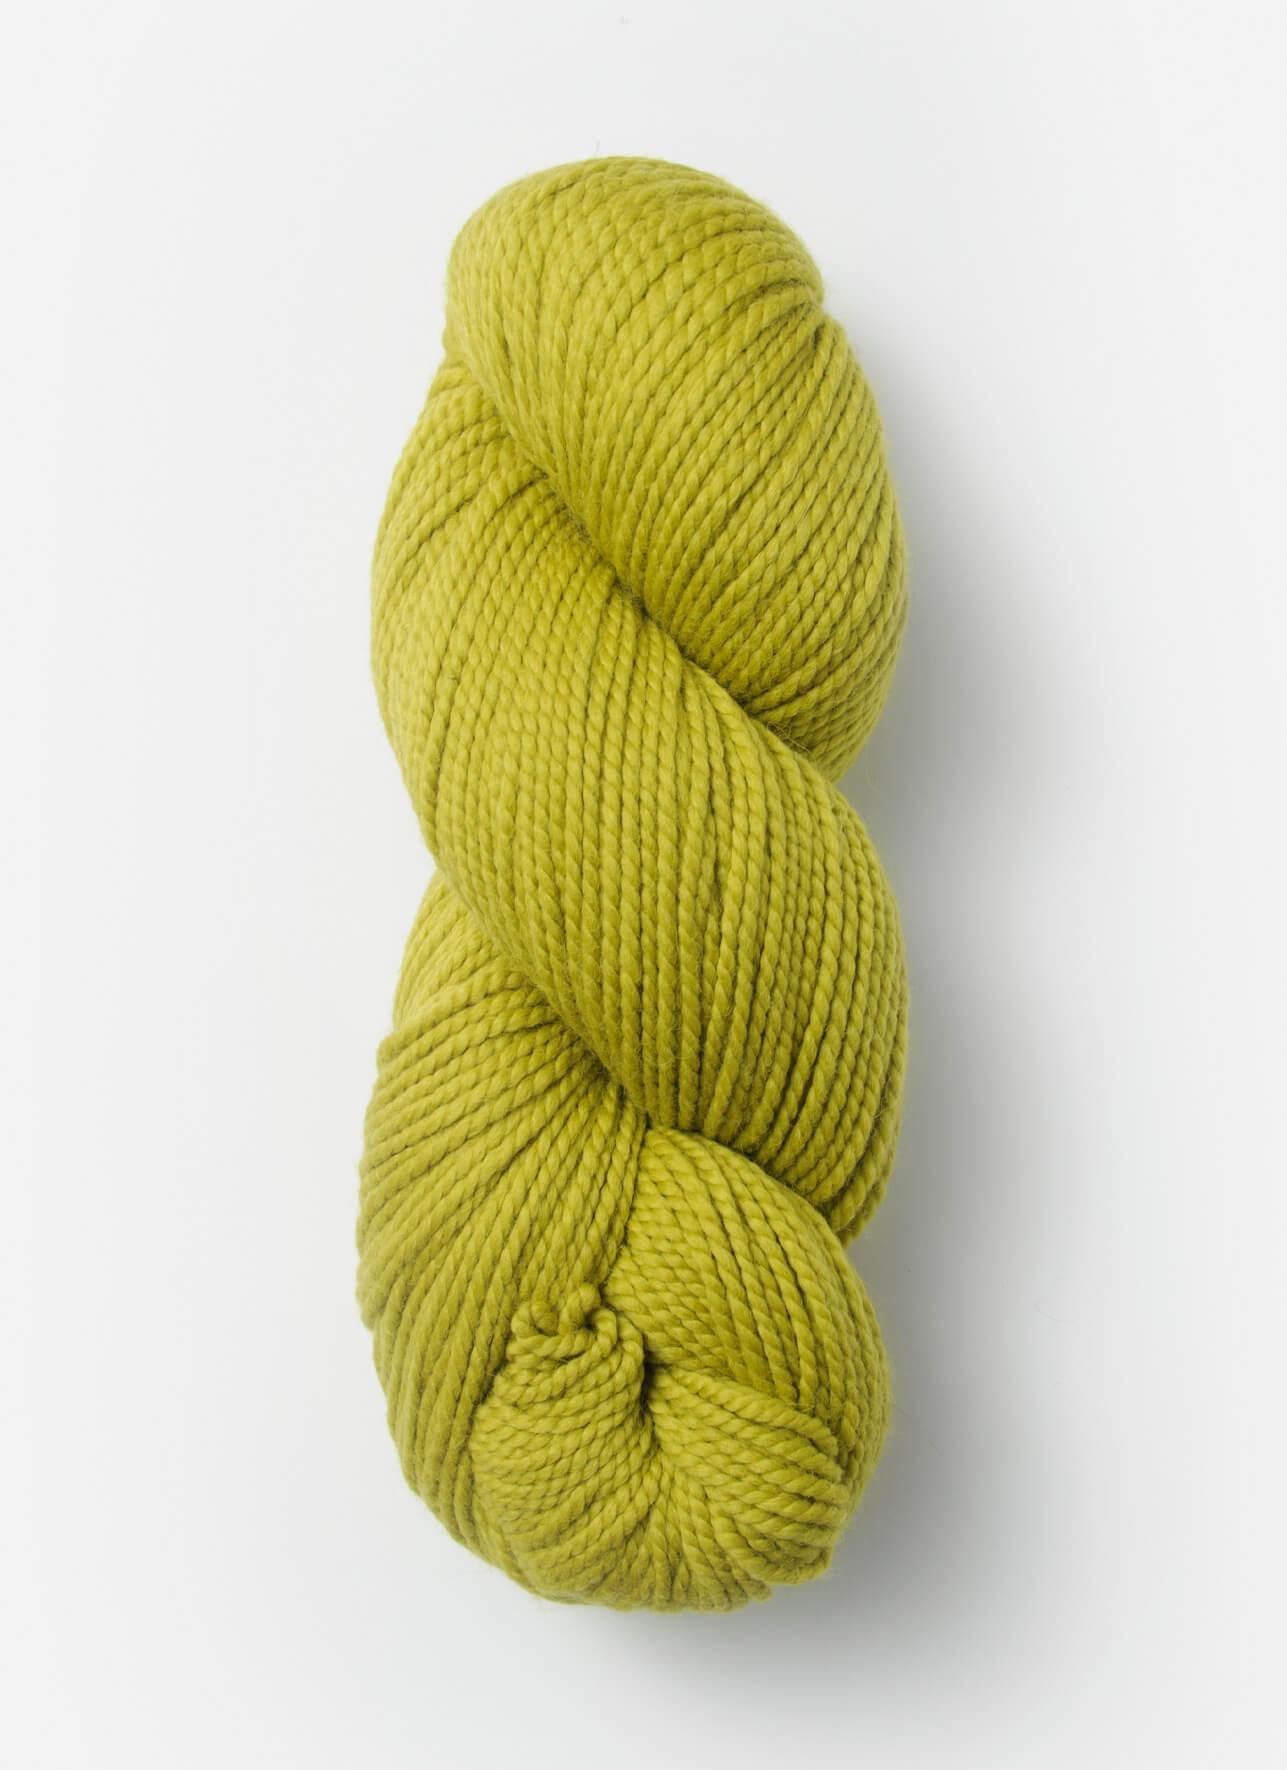 No. 3514: Marsh